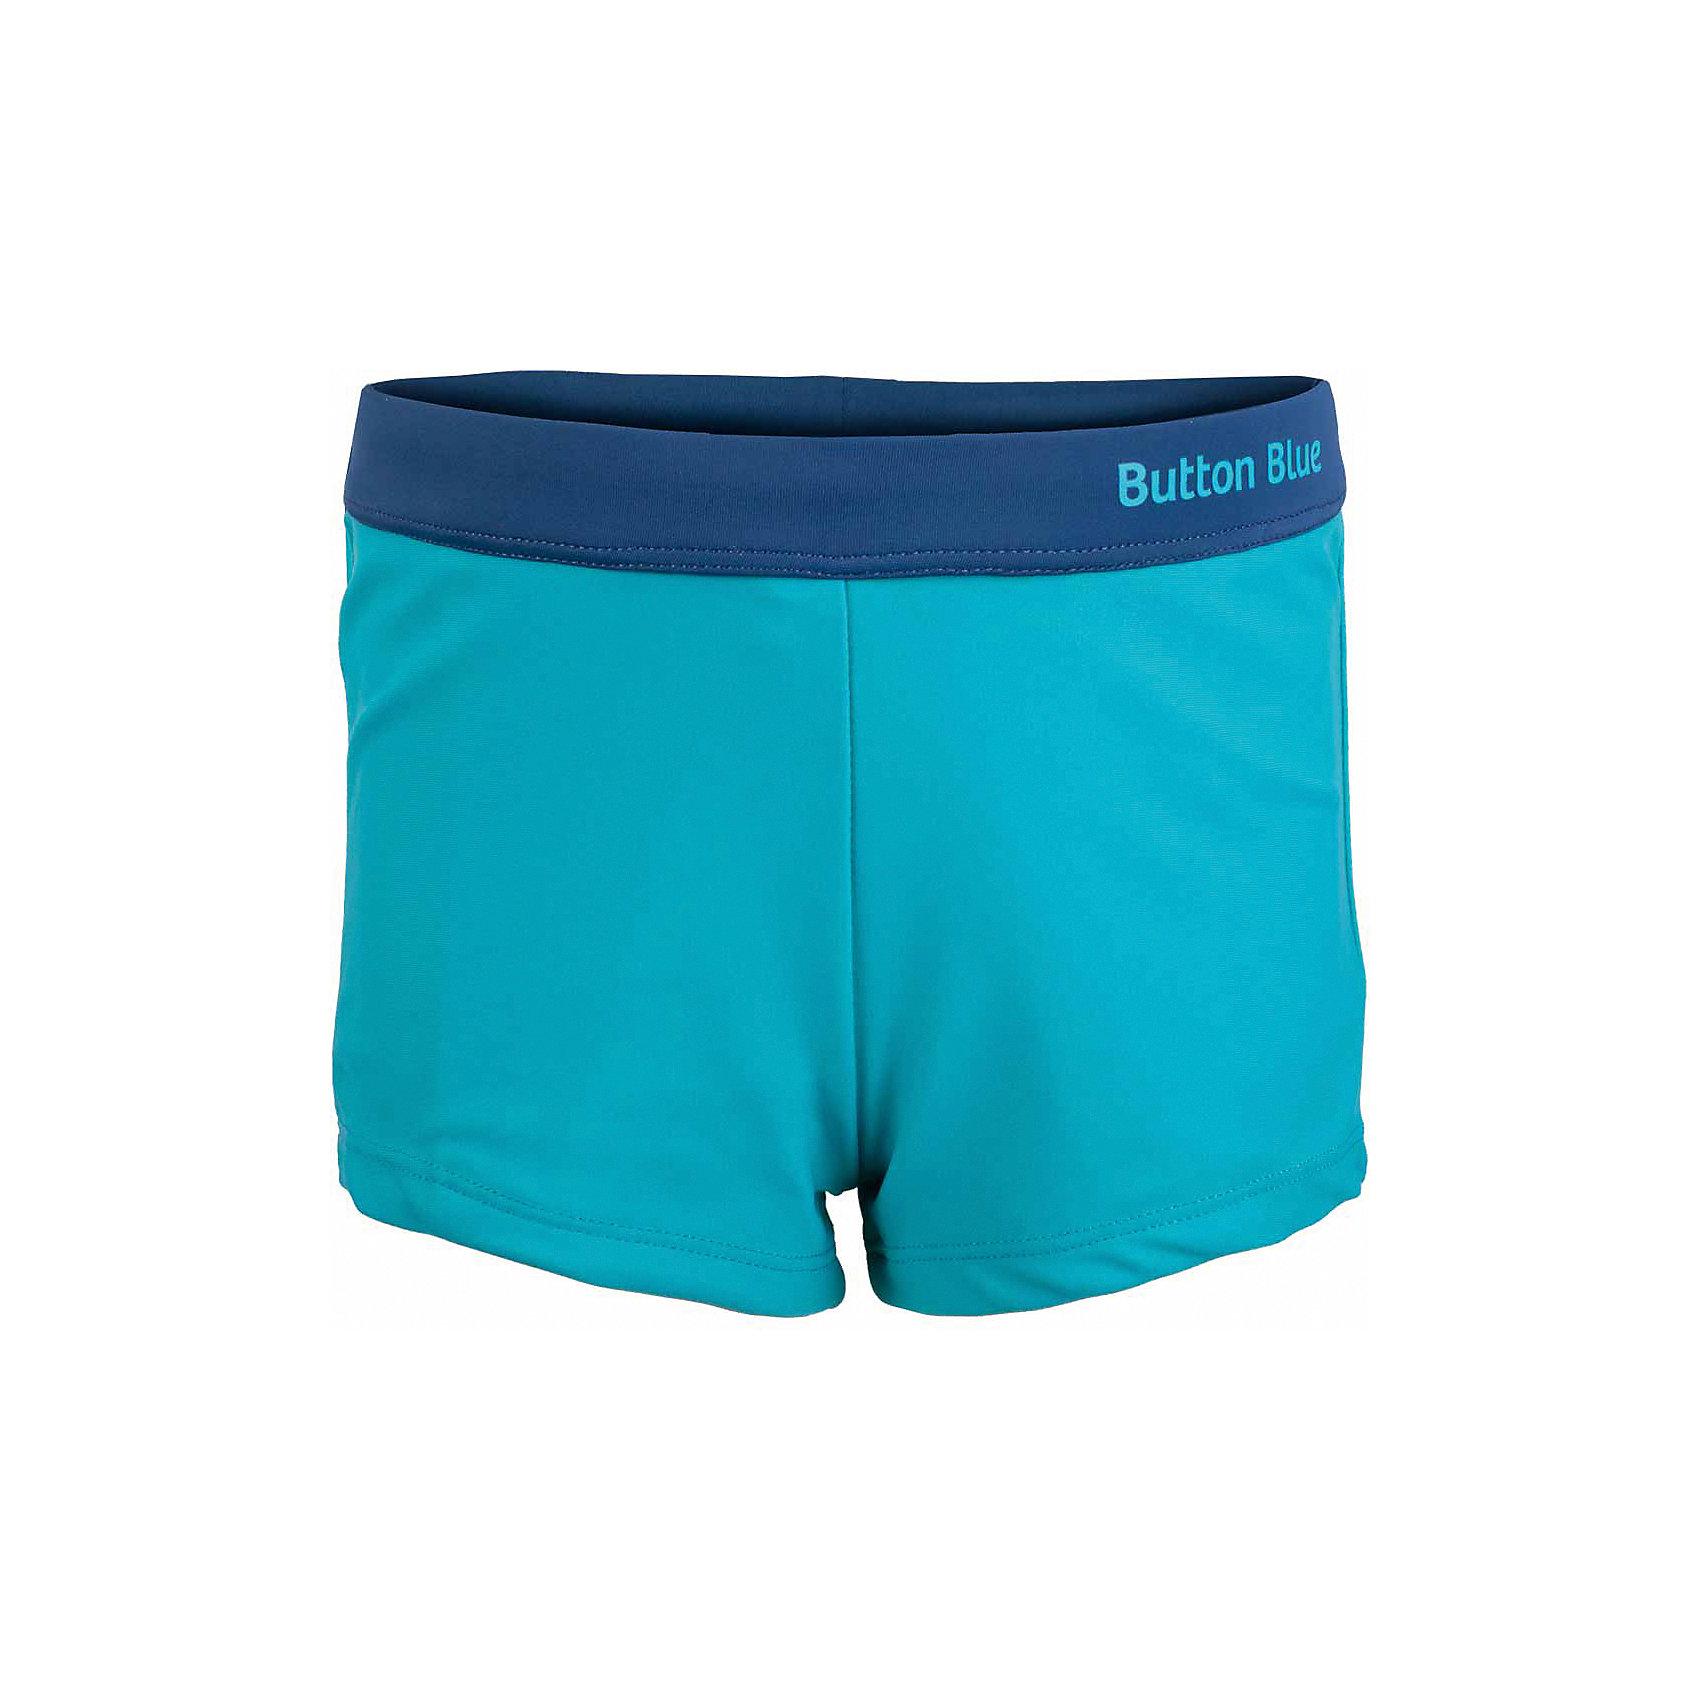 Плавки для мальчика  BUTTON BLUEКупальники и плавки<br>Плавки для мальчика  BUTTON BLUE<br>Яркие плавки с контрастной отделкой подарят ребенку отличное настроение на весь пляжный сезон. Если вы решили купить красивые плавки недорого, выберете плавки от Button Blue. Они обеспечат ребенку комфорт, а вам - удовольствие от покупки.<br>Состав:<br>83% полиамид 17% эластан; подклад: 100%  полиэстер<br><br>Ширина мм: 183<br>Глубина мм: 60<br>Высота мм: 135<br>Вес г: 119<br>Цвет: бирюзовый<br>Возраст от месяцев: 36<br>Возраст до месяцев: 48<br>Пол: Мужской<br>Возраст: Детский<br>Размер: 104,128,140,152,116,98<br>SKU: 5524757